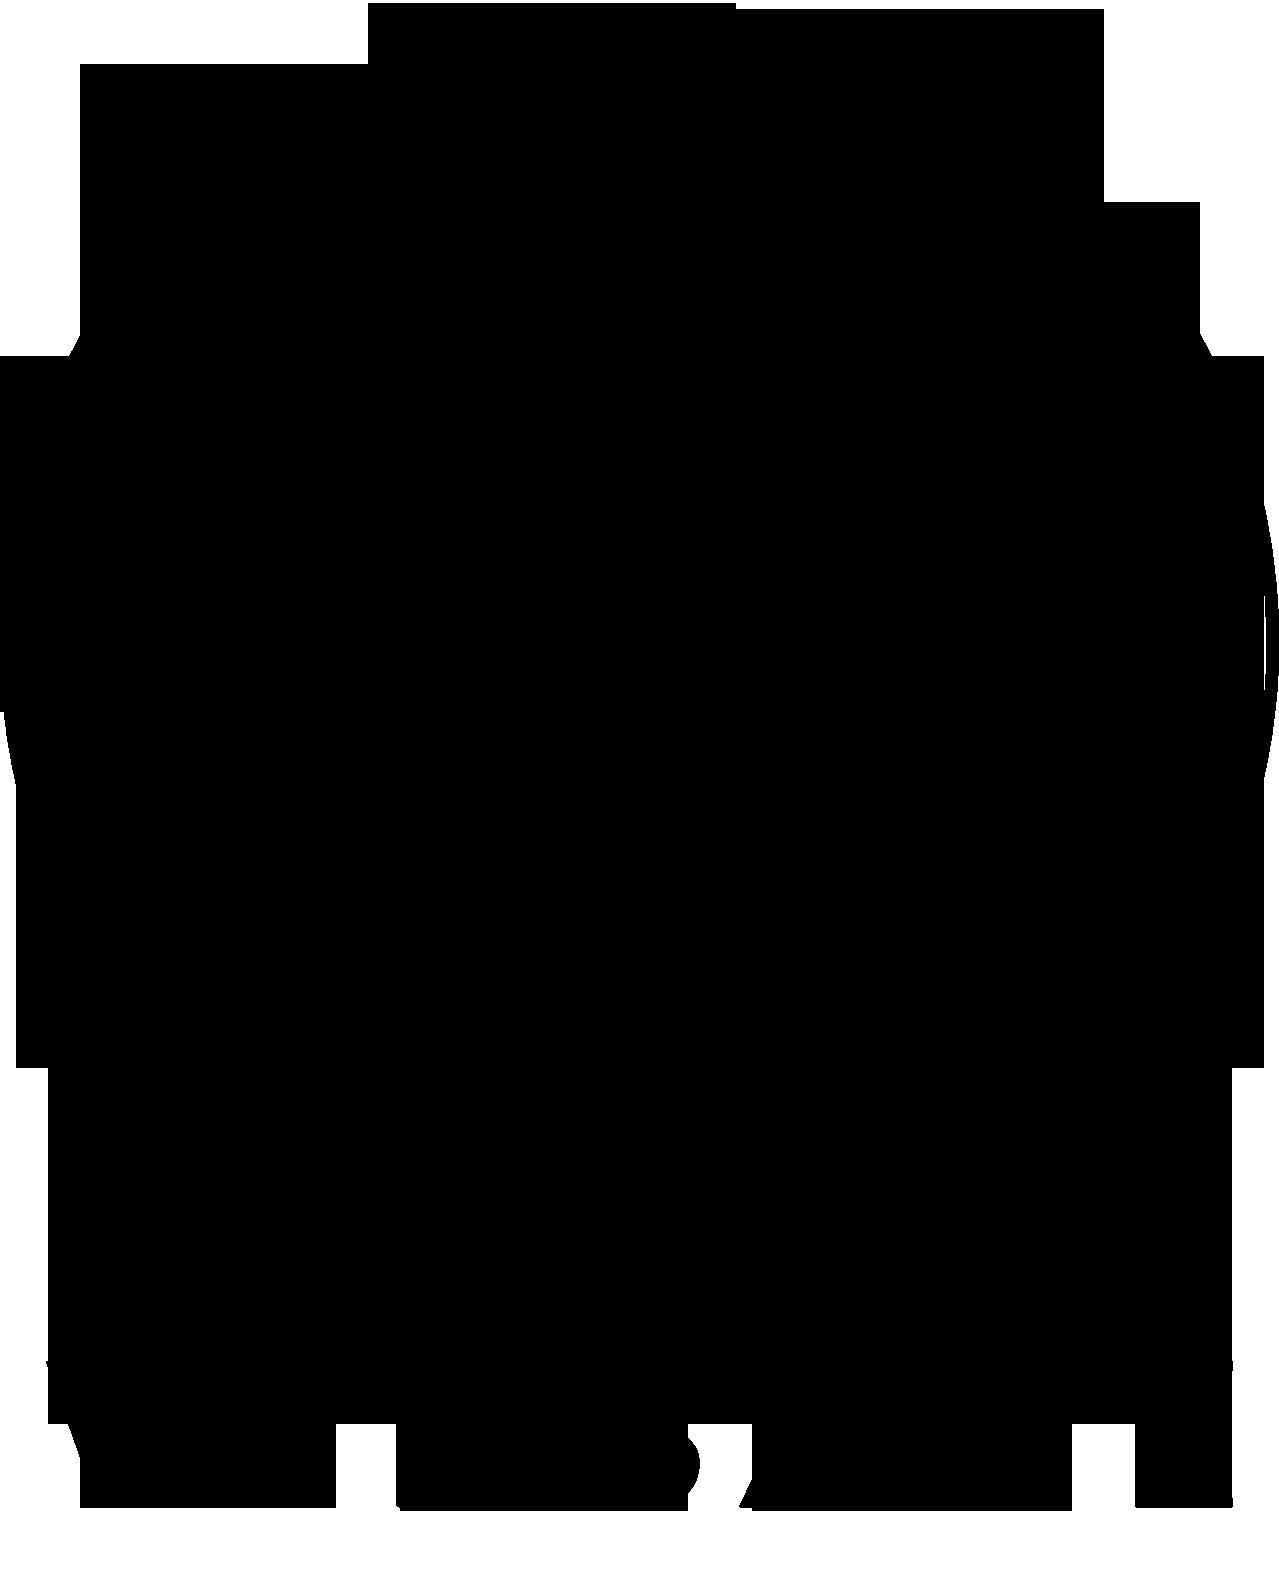 логотип бренда Versace